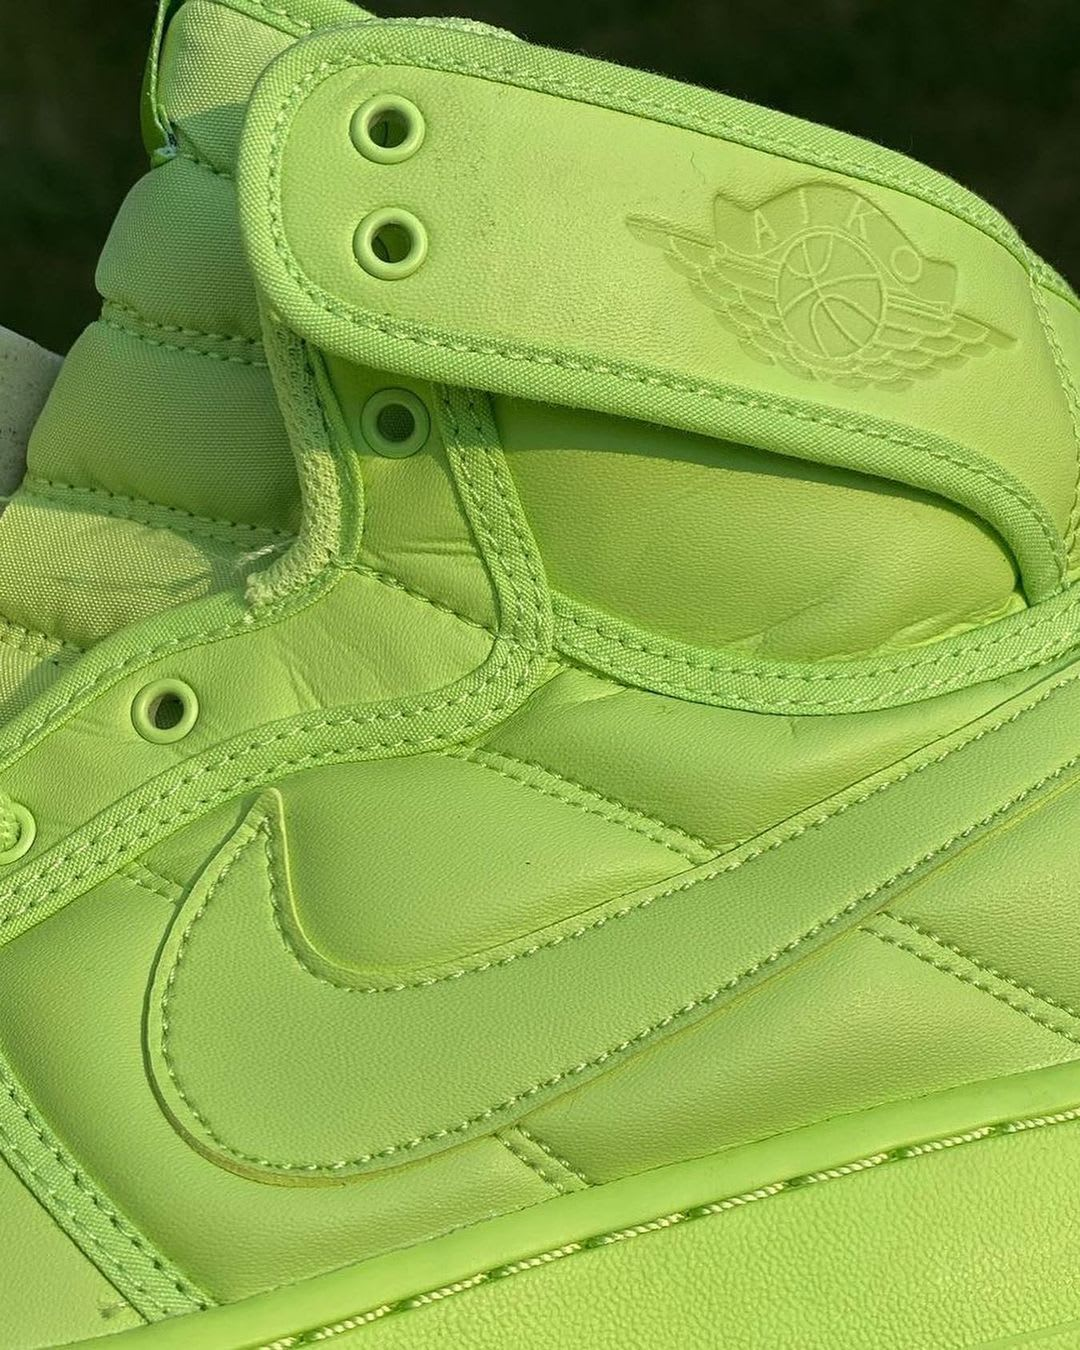 Billie Eilish x Air Jordan 1 KO 'Ghost Green' DN2857-330 (Detail)